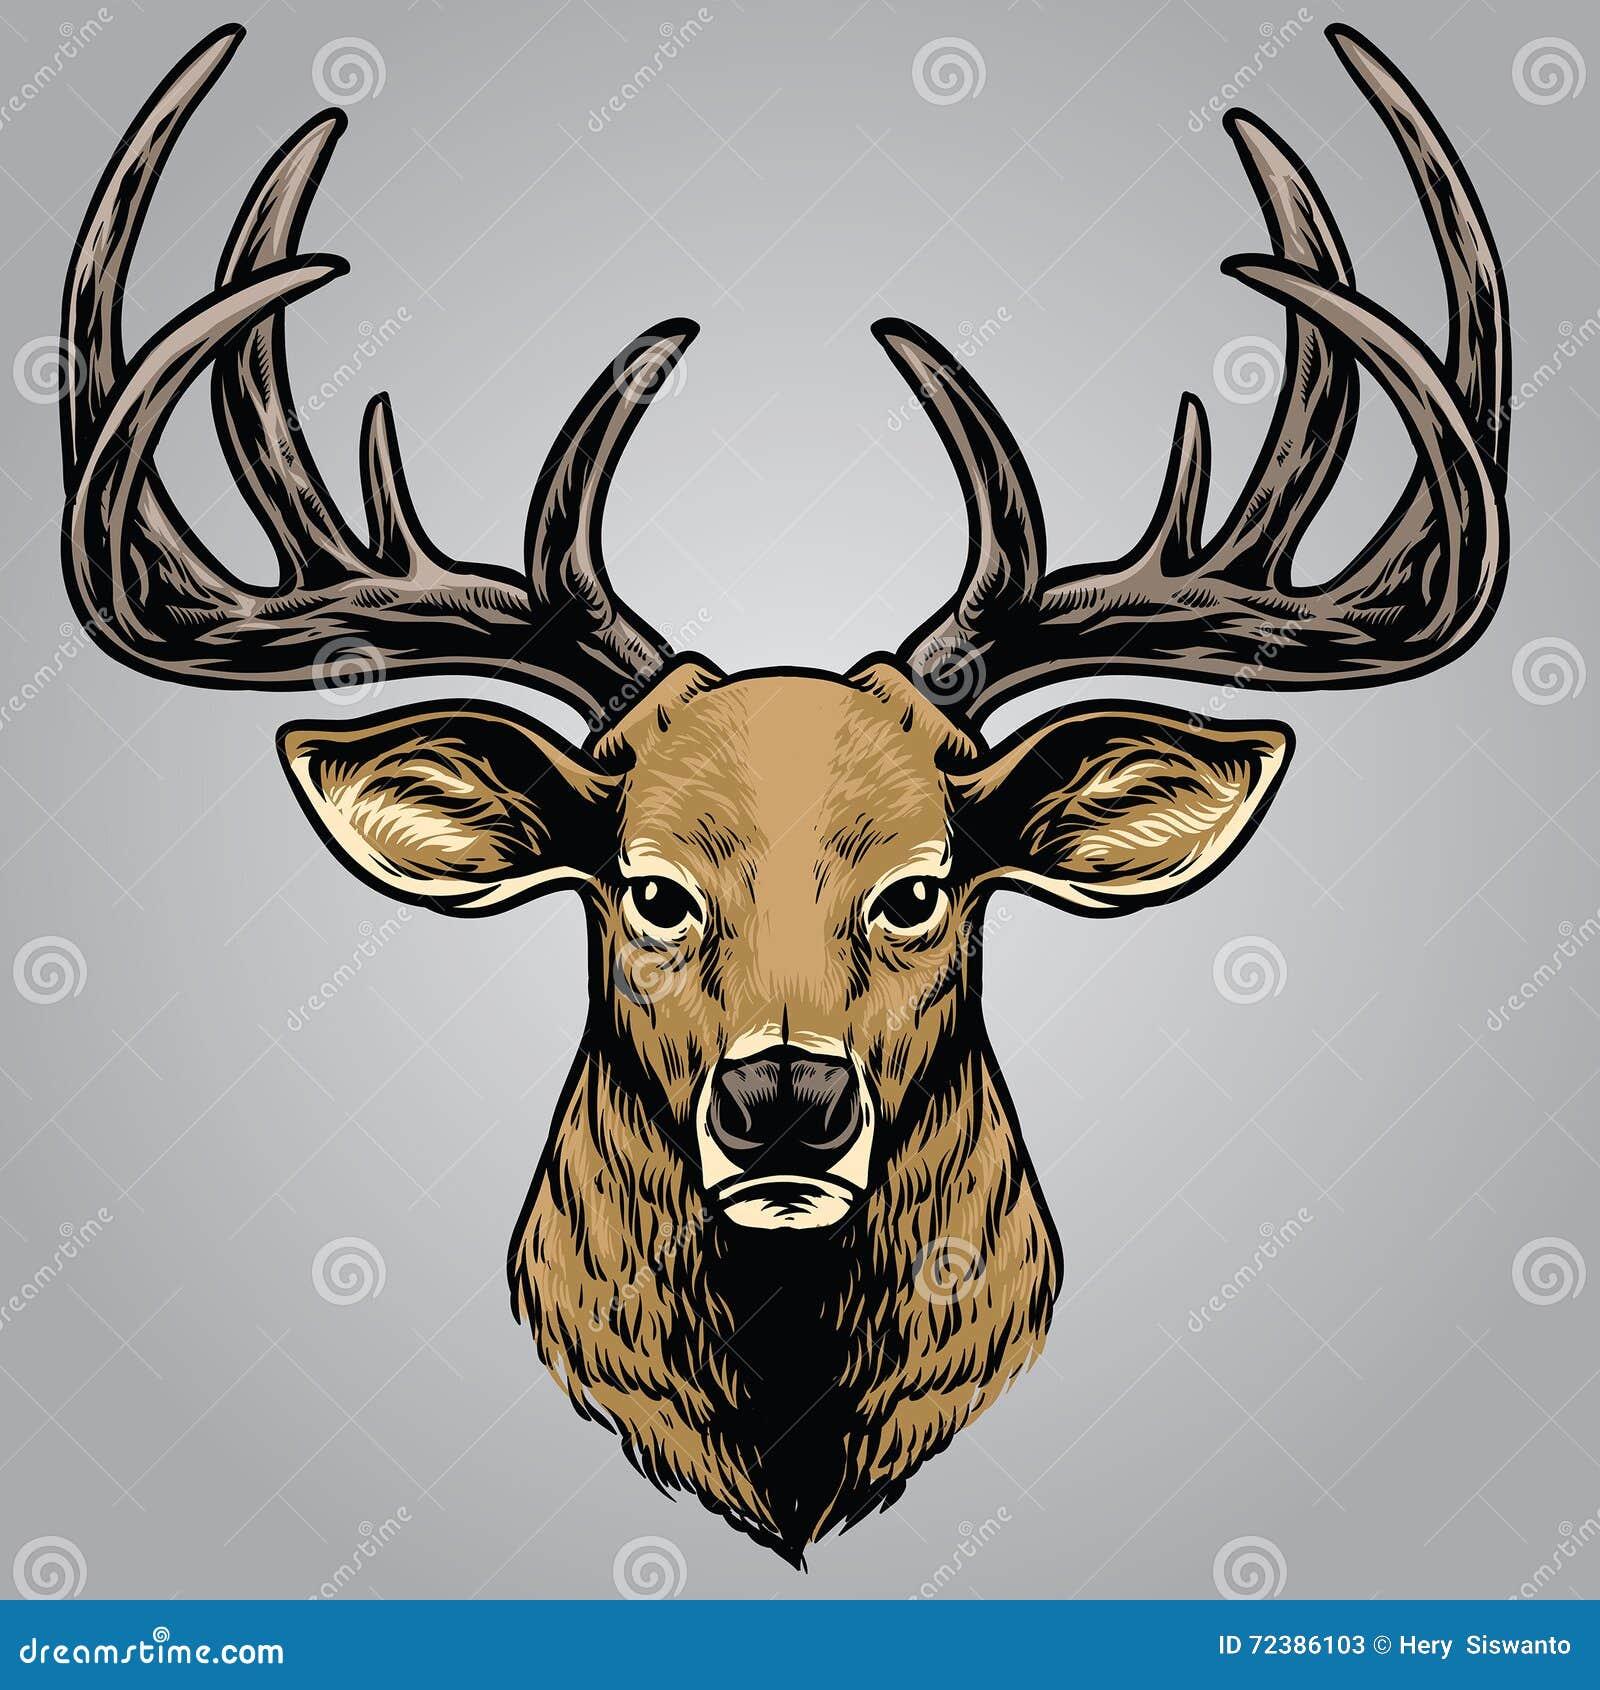 Stile del disegno della mano della testa dei cervi